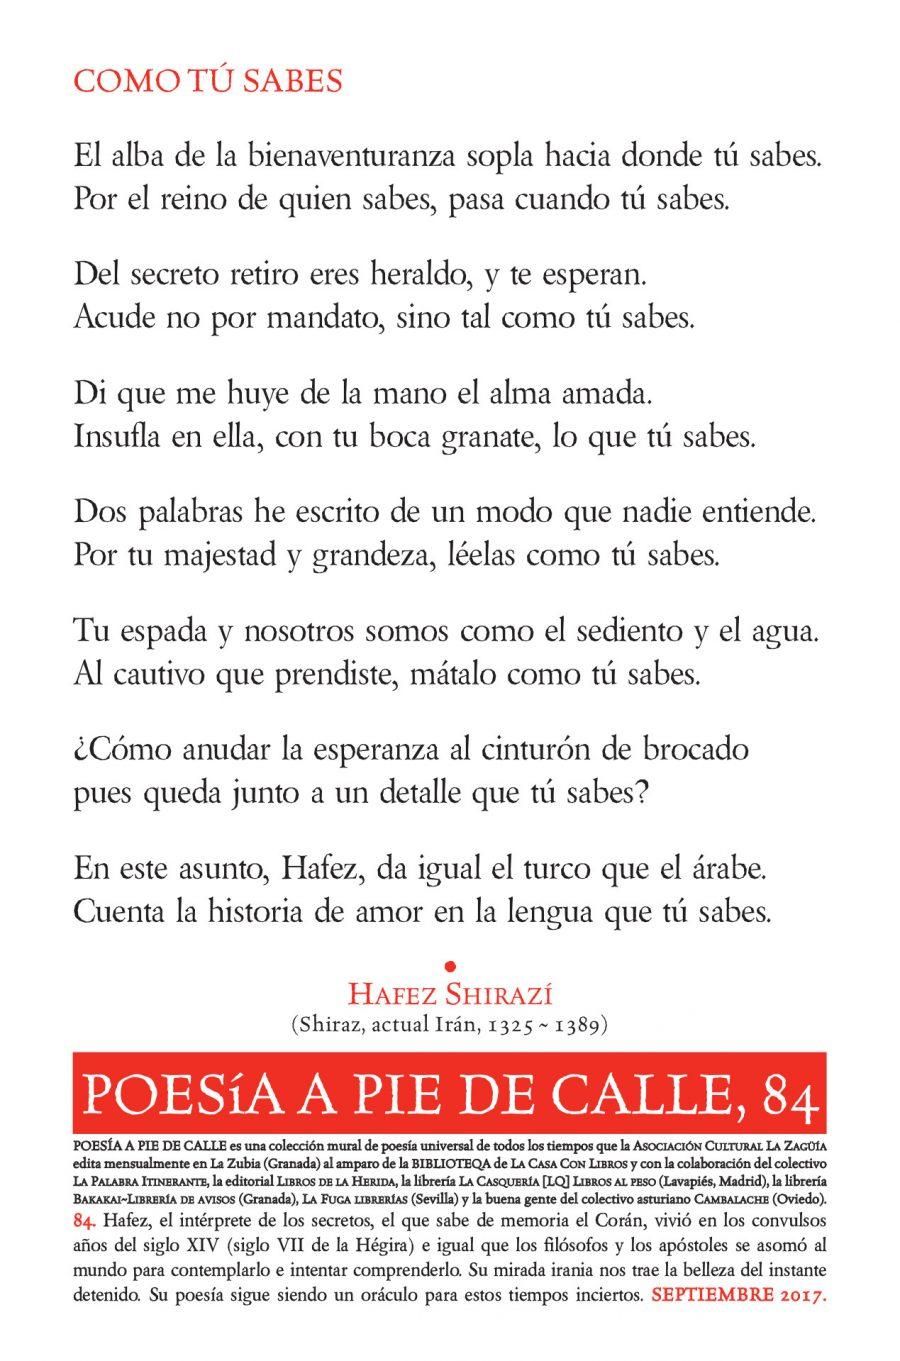 """POESÍA A PIE DE CALLE, 84: """"COMO TÚ SABES"""",DE HAFEZ SHIRAZÍ"""